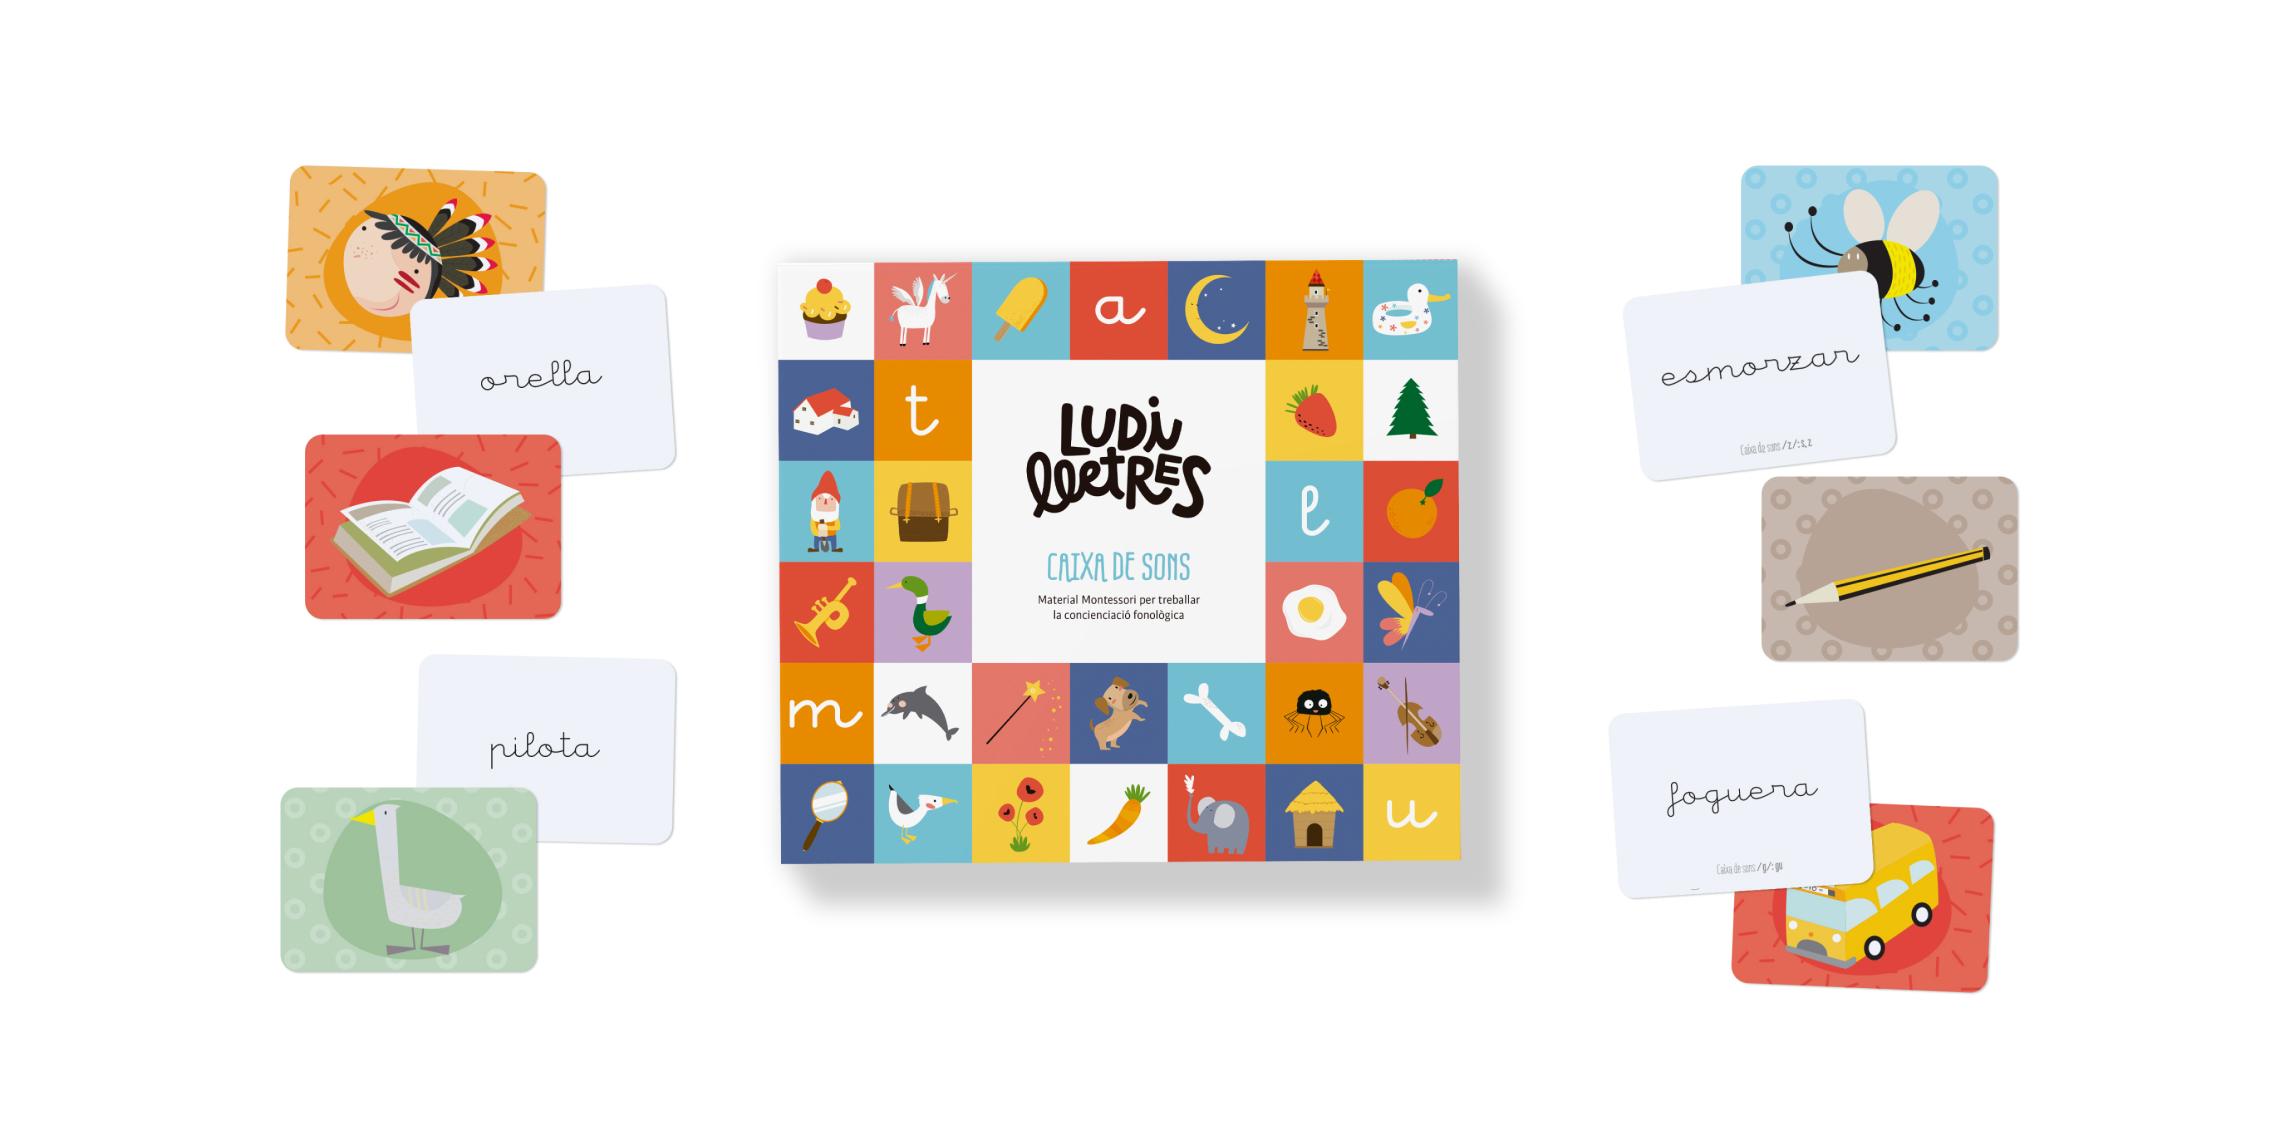 La Caixa de sons és un jou compost de differente cartes adequat tant per a l'aula com per jugar a casa.